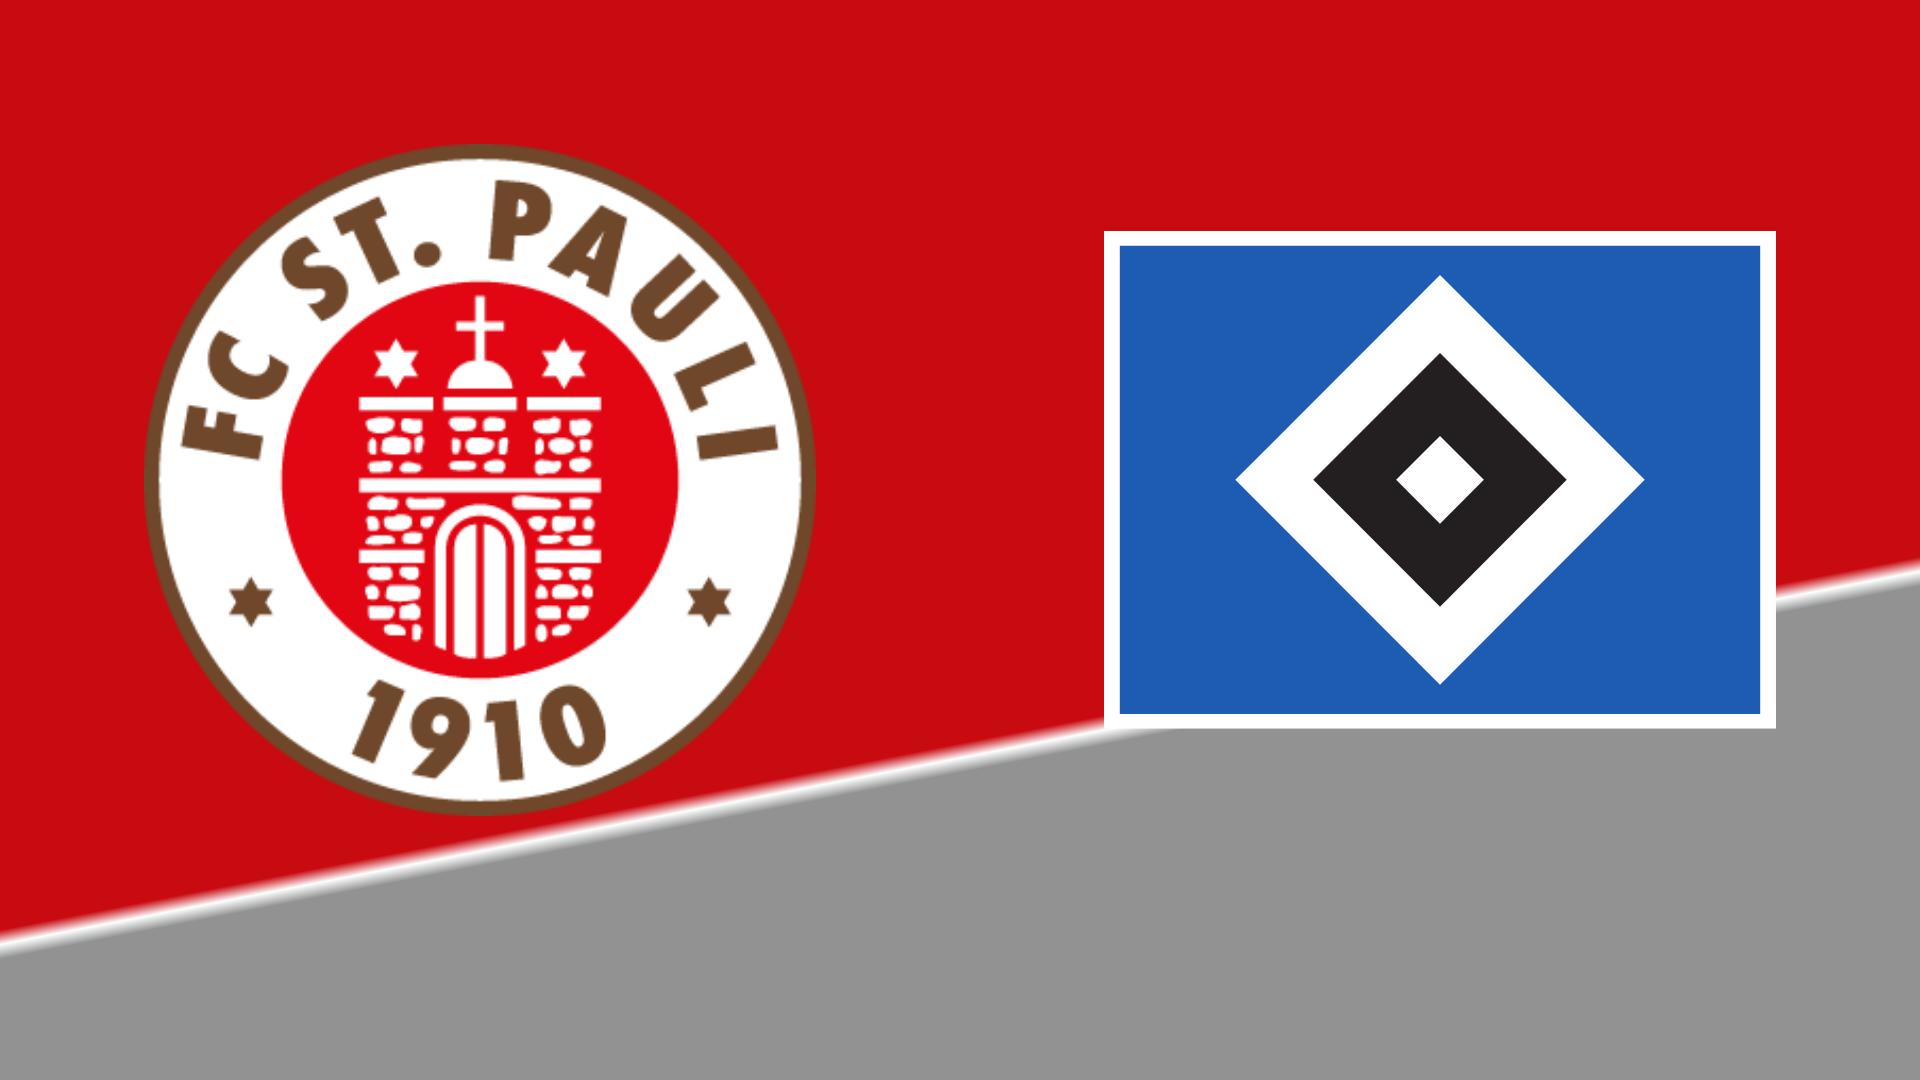 Live 2. BL: FC St. Pauli - Hamburger SV, 23. Spieltag 01.03.2021 um 19:30 Uhr auf Sky Ticket